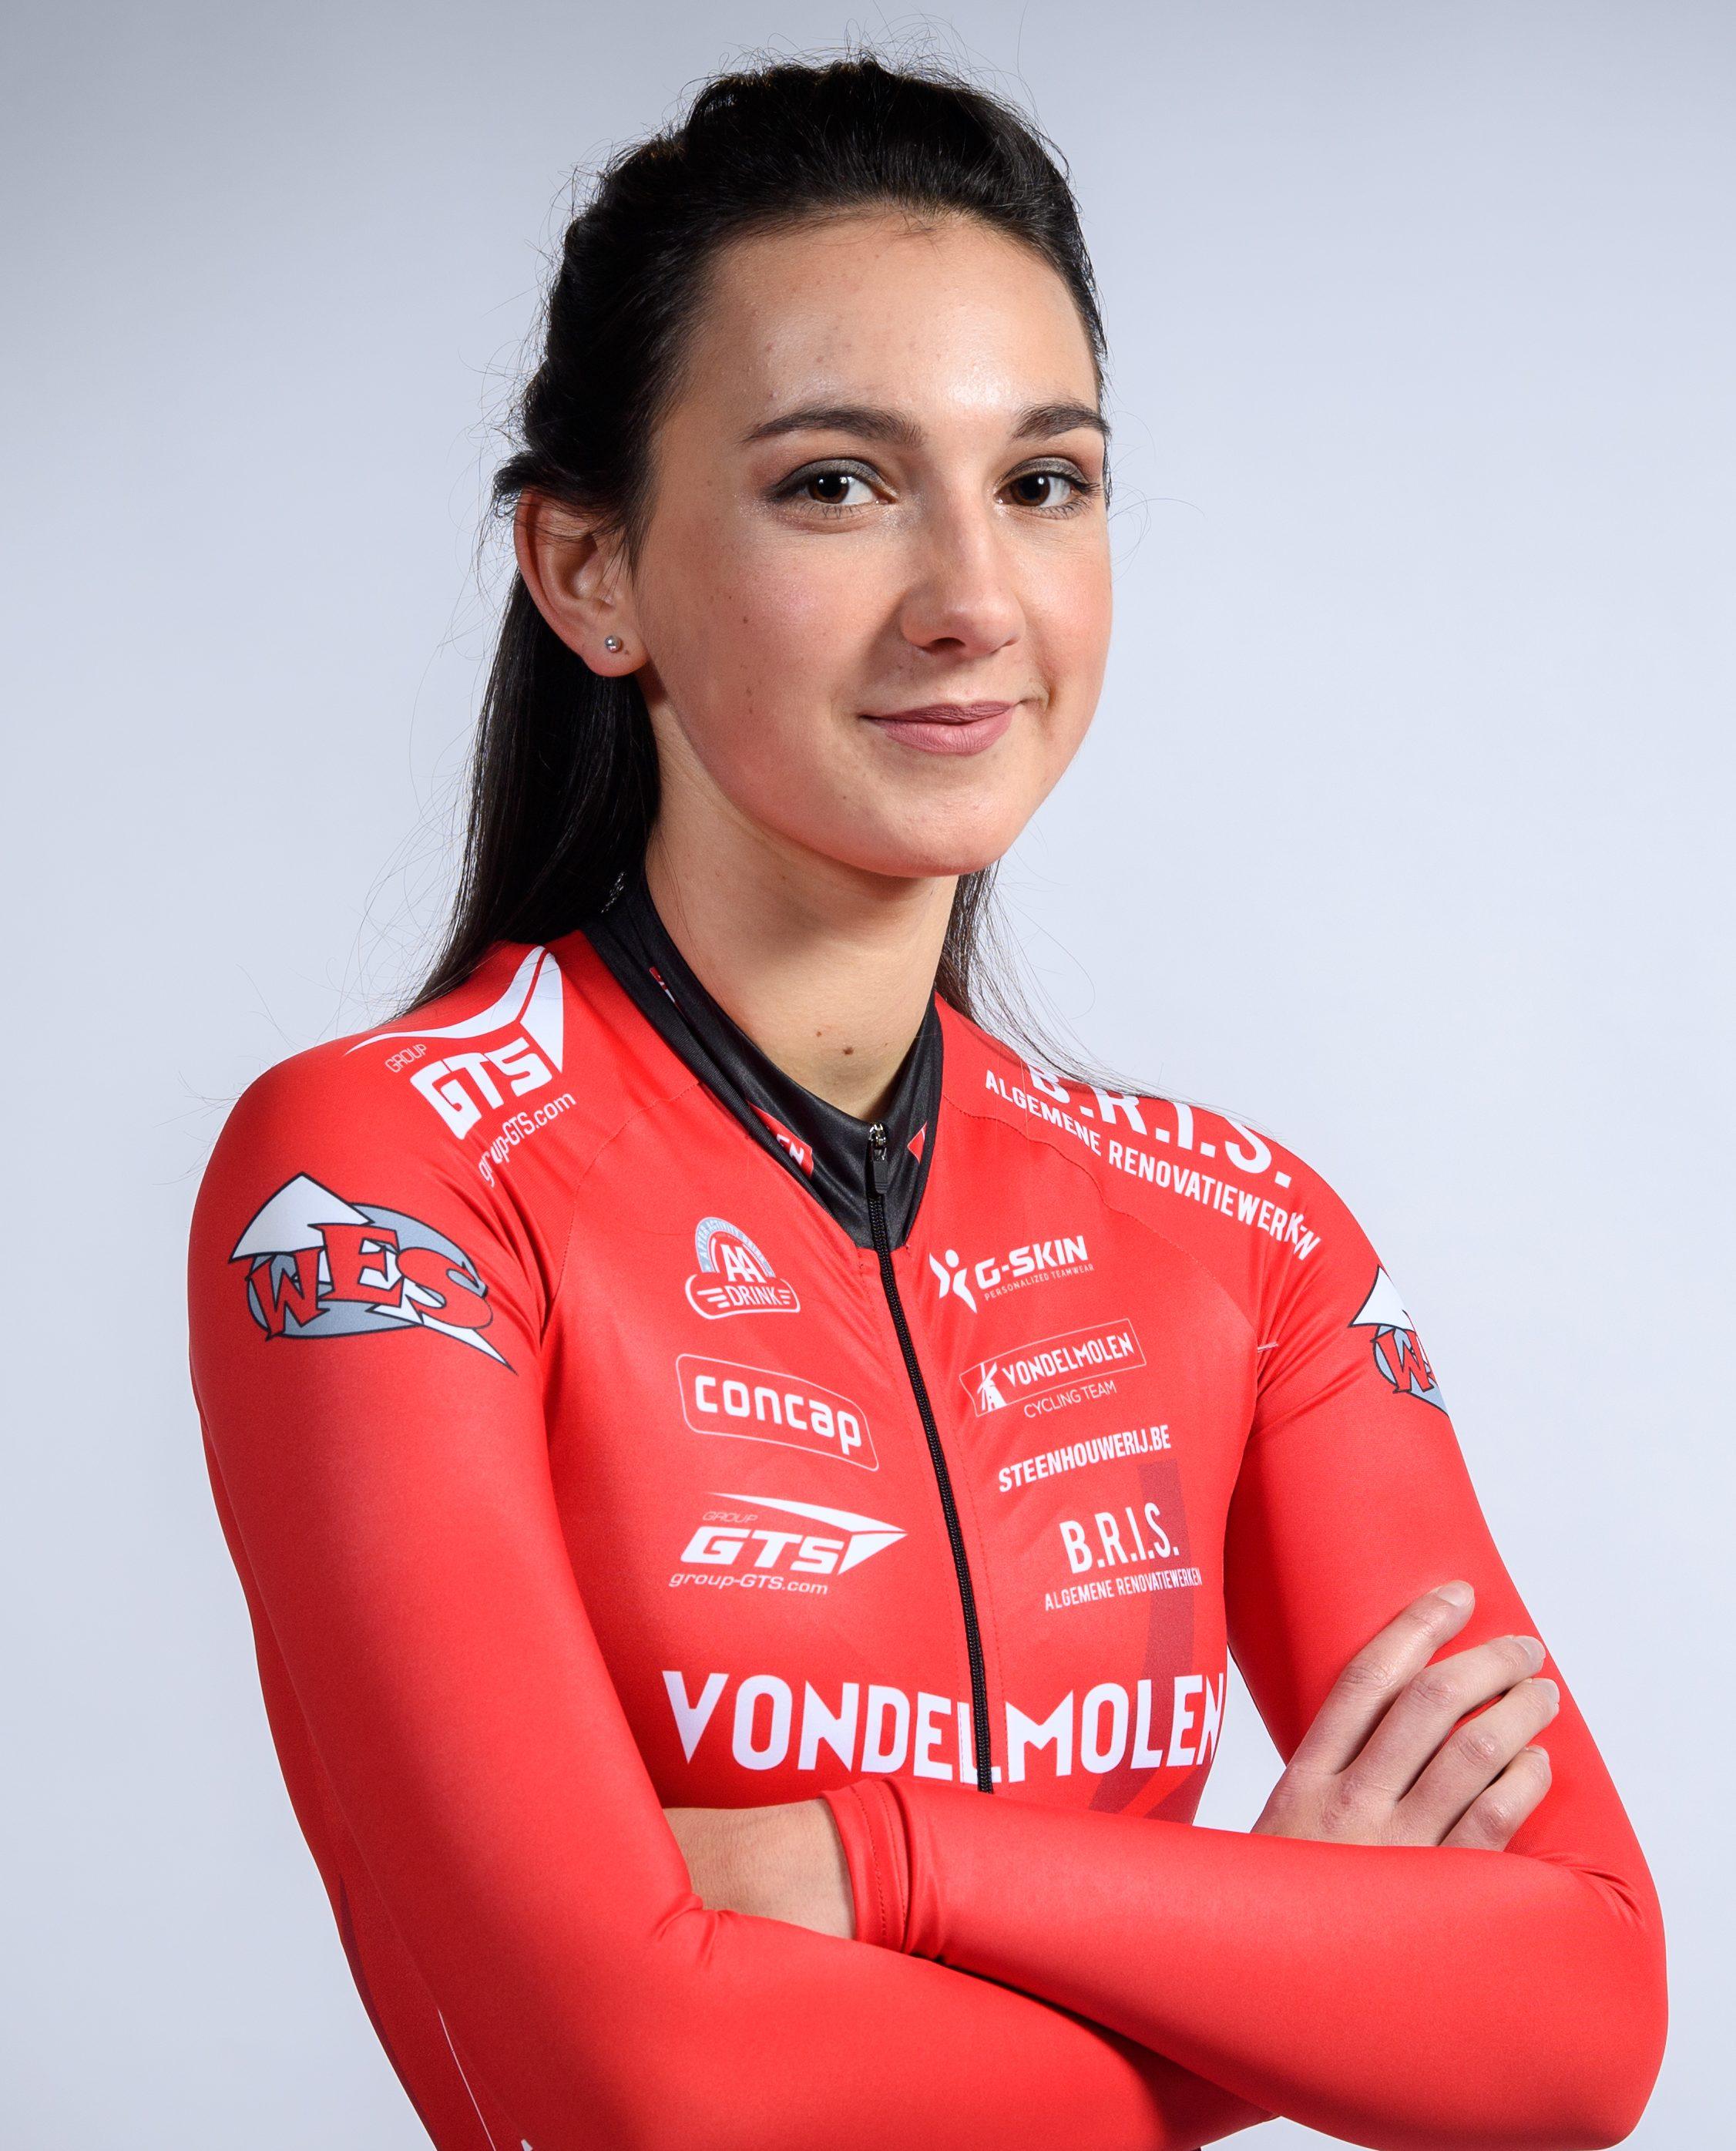 Yenthe VAN LOMMEL